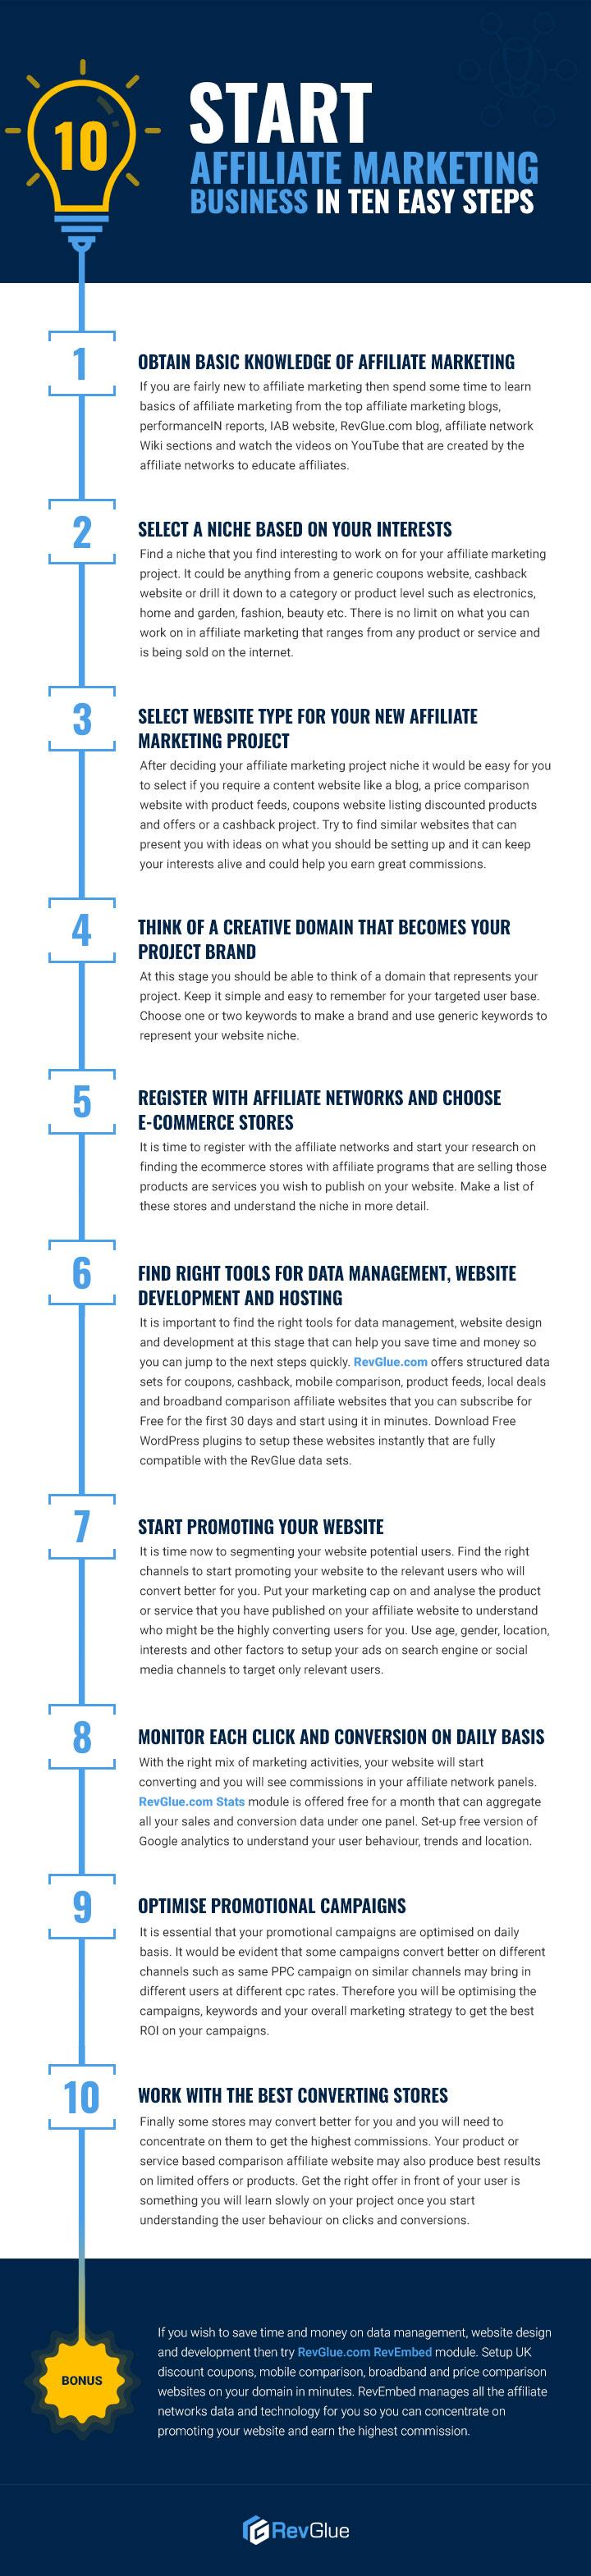 Start Affiliate Marketing Business in Ten Easy Steps.